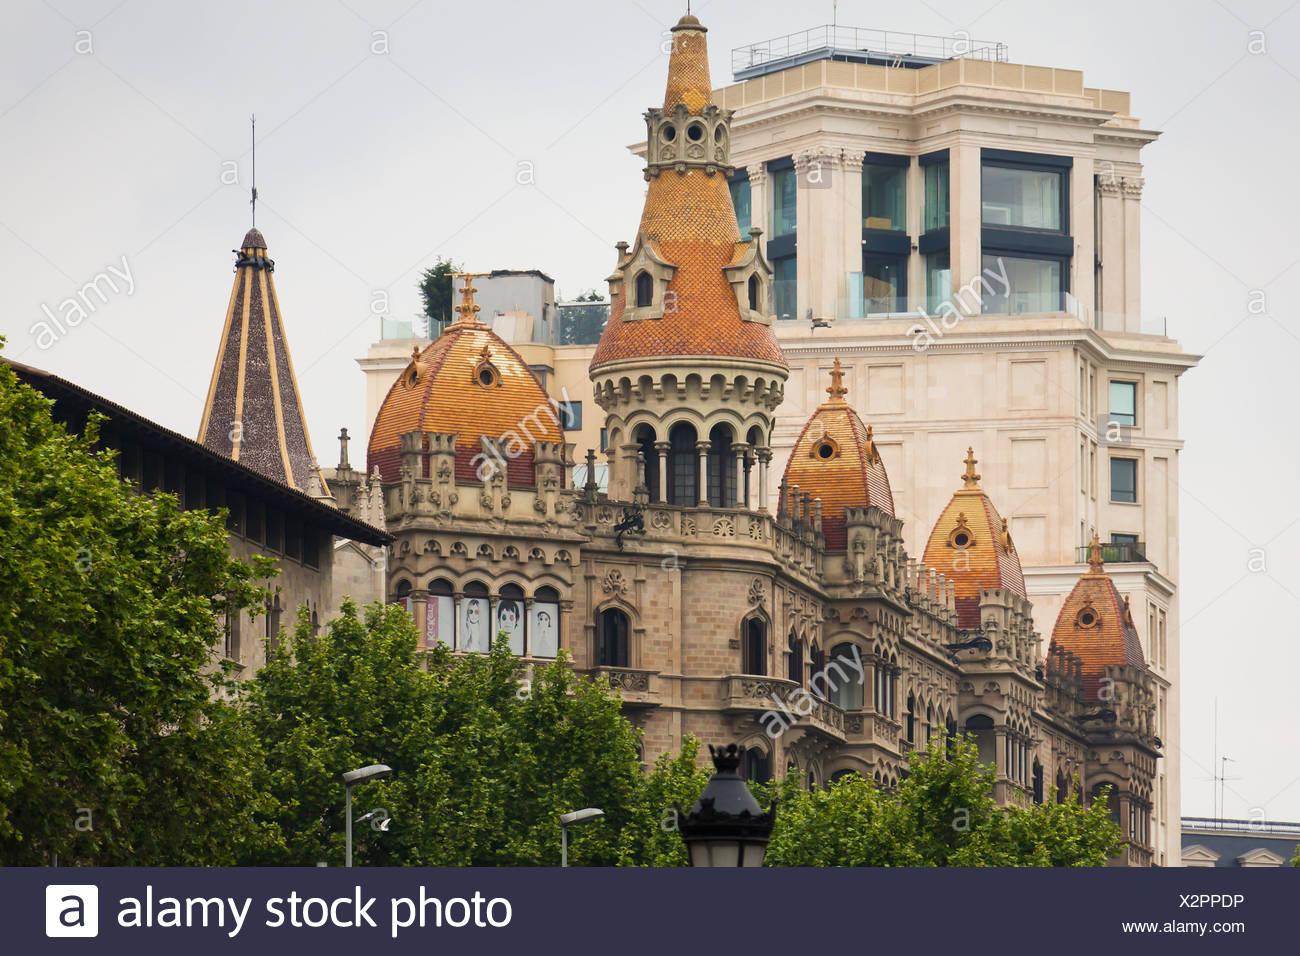 Jugendstil-Fassade in der Nähe von Placa de Catalunya, Ecke Carrer de Casp und Passeig Gràcia 8-10, Barcelona, Katalonien, Spanien Stockbild